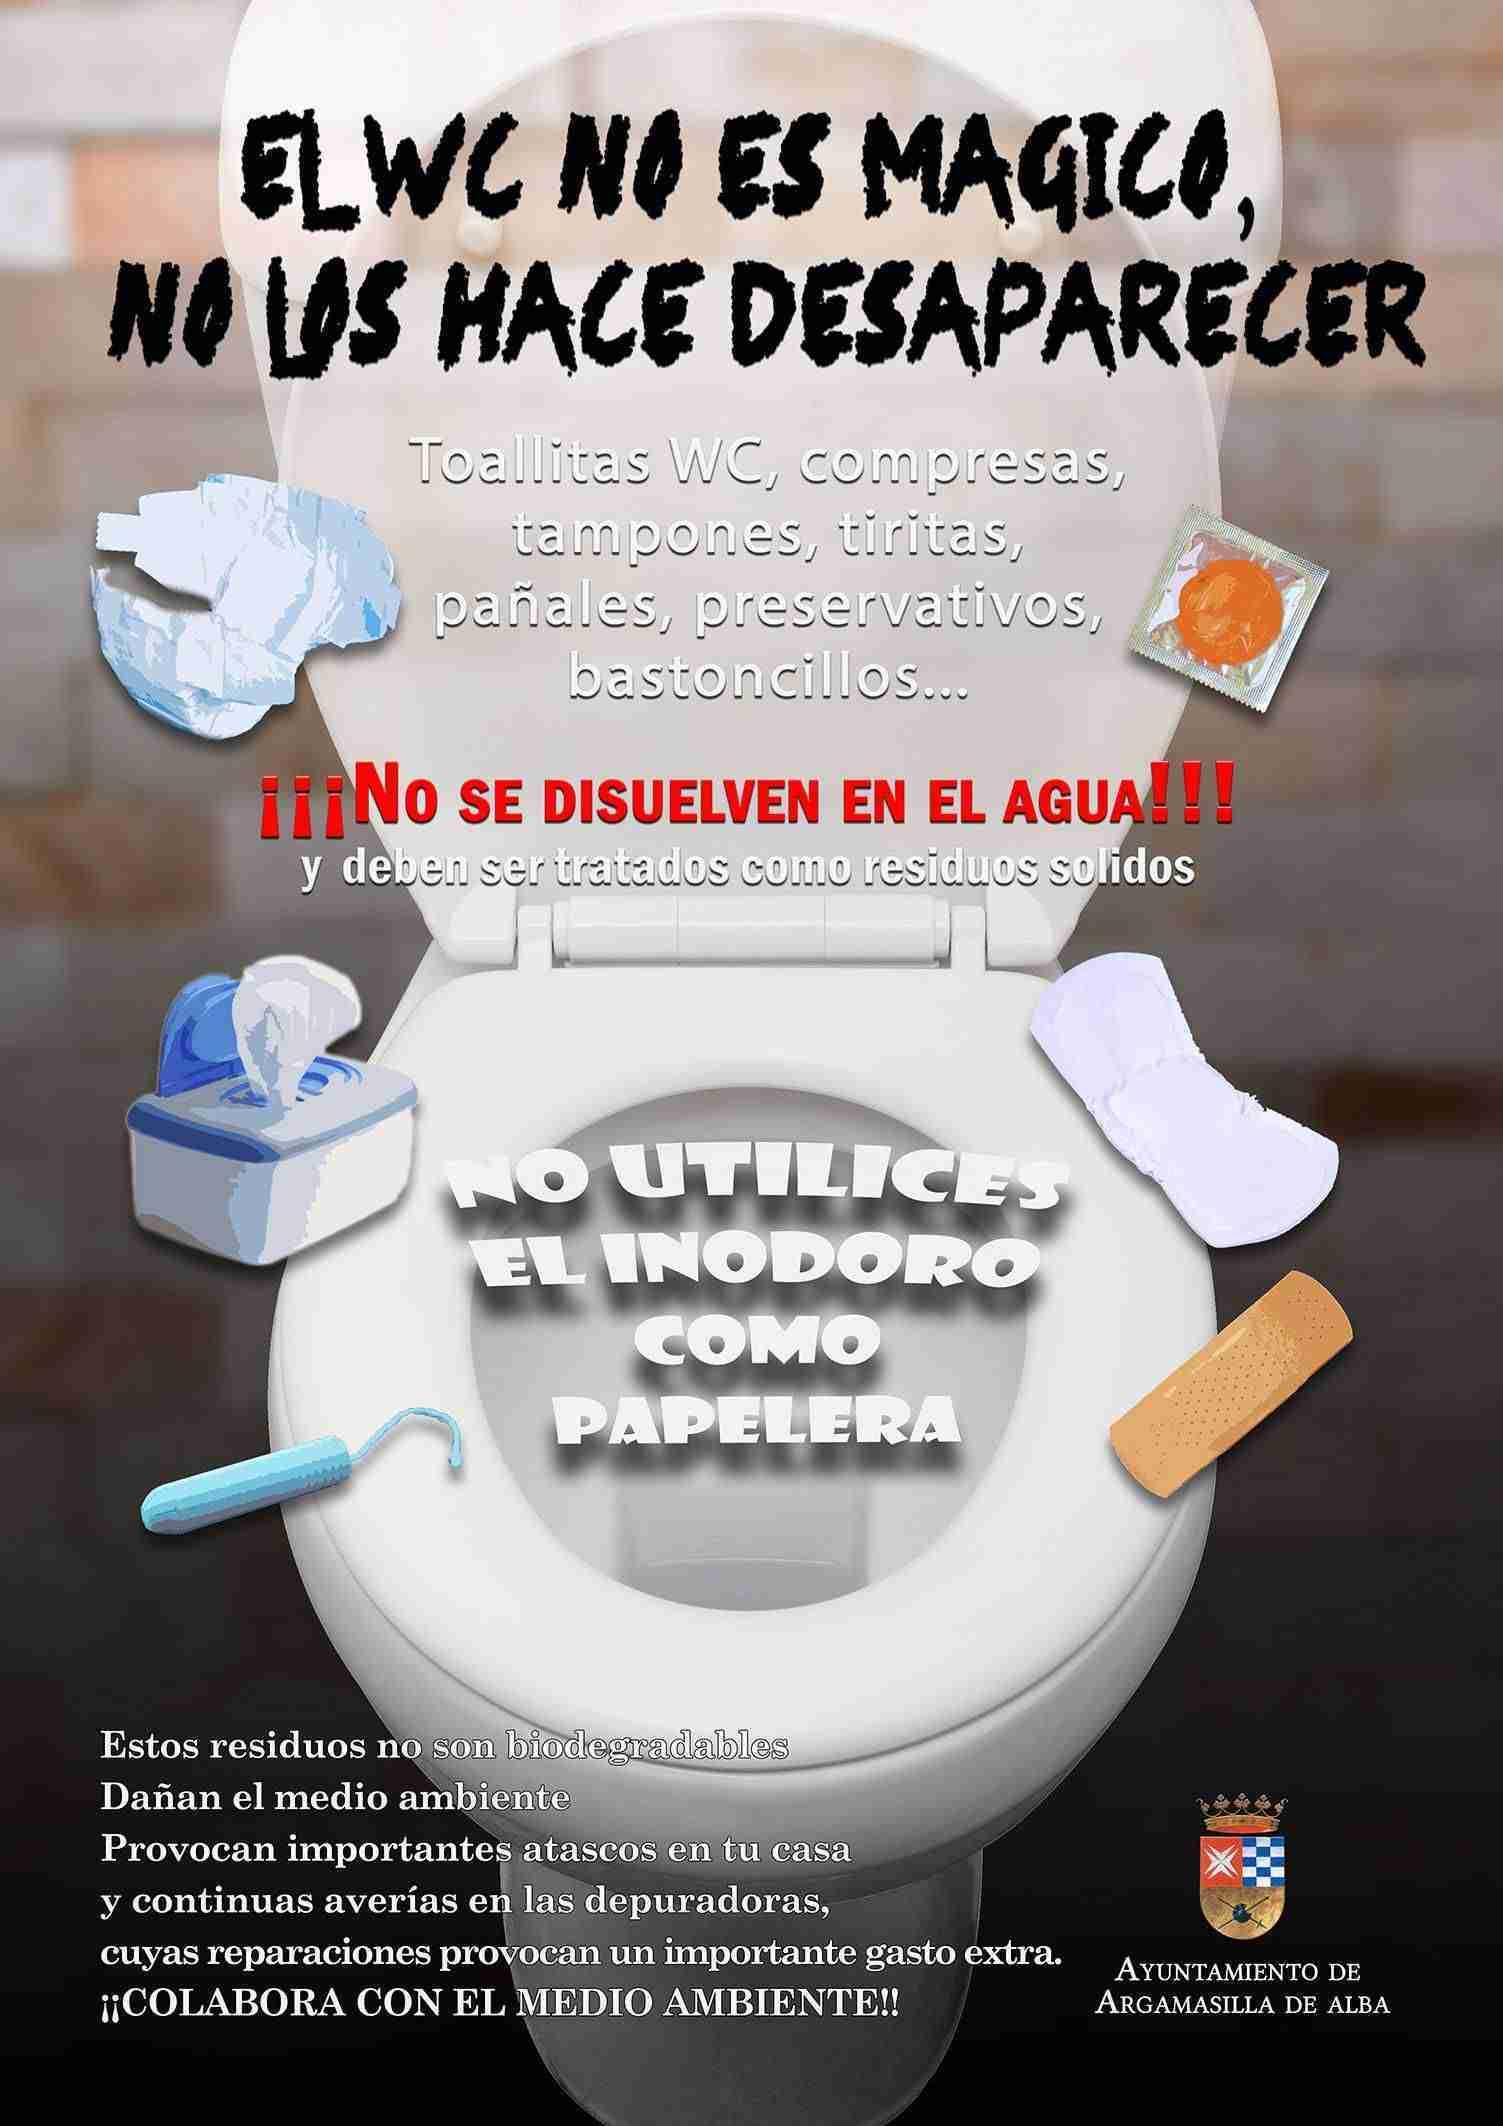 Campaña contra el vertido de toallitas en el inodoro desde Argamasilla de Alba 1